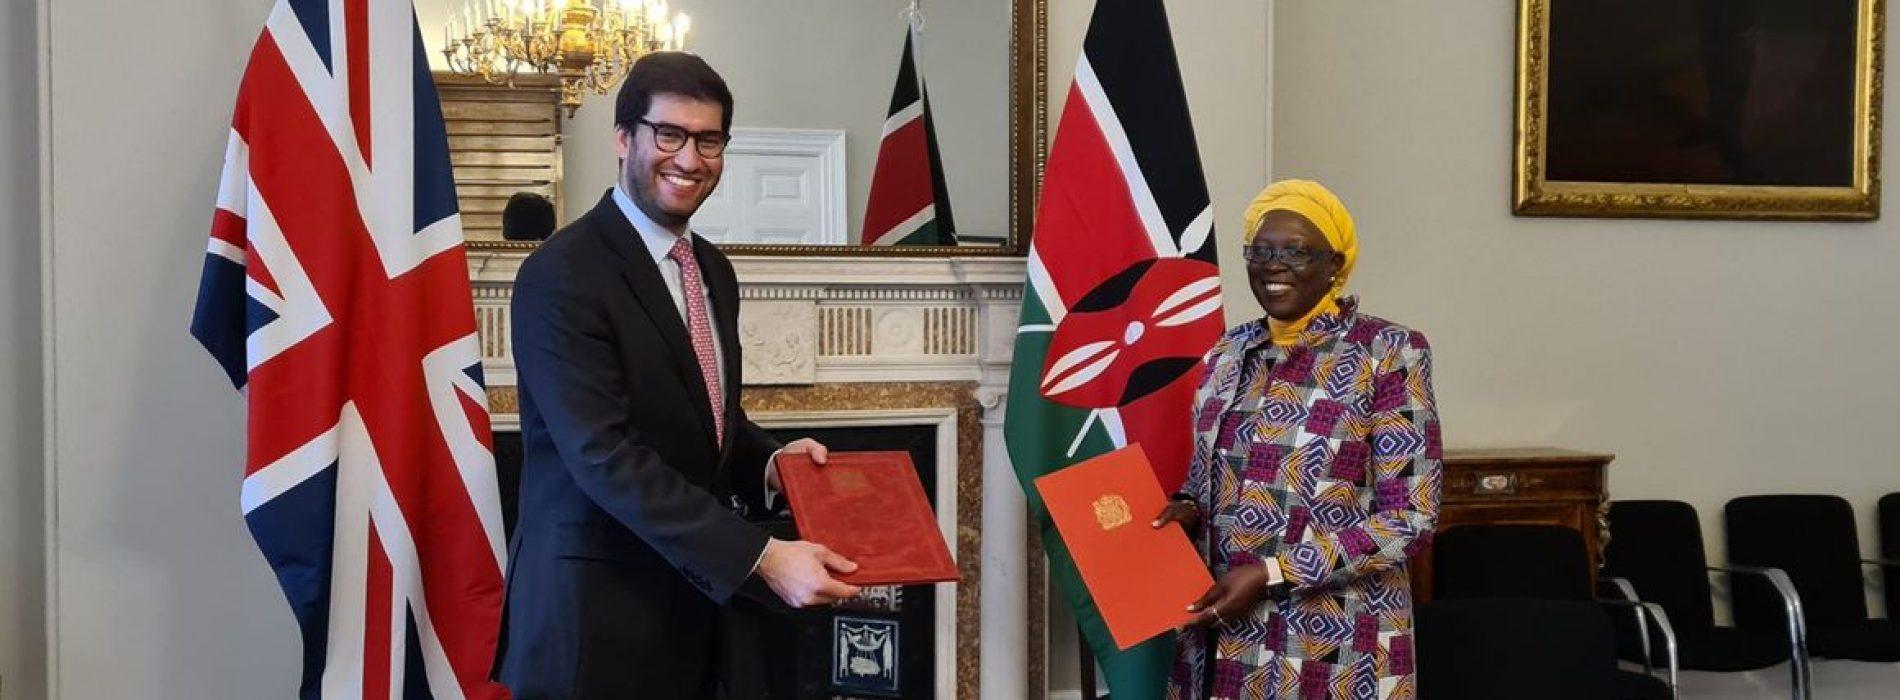 Il Kenya e Regno Unito firmano l'accordo di libero scambio